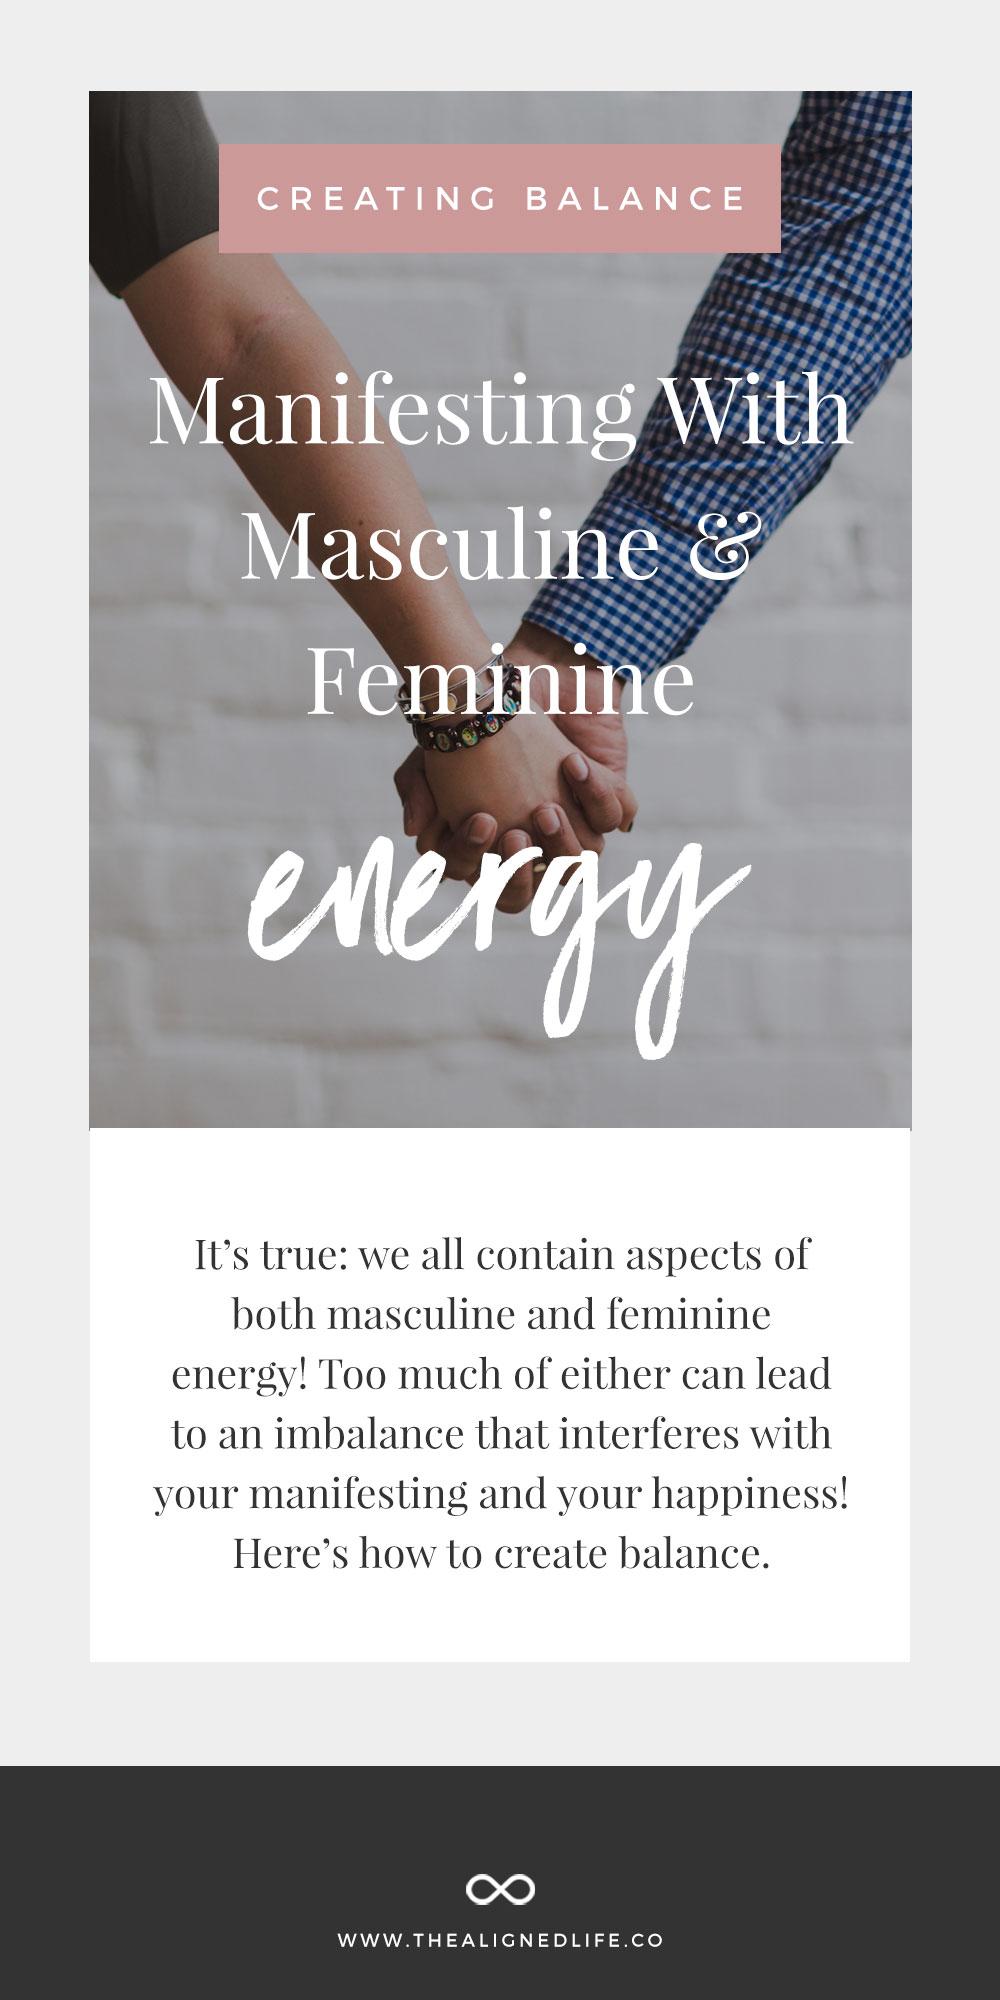 Creating Balance: Manifesting With Masculine And Feminine Energy